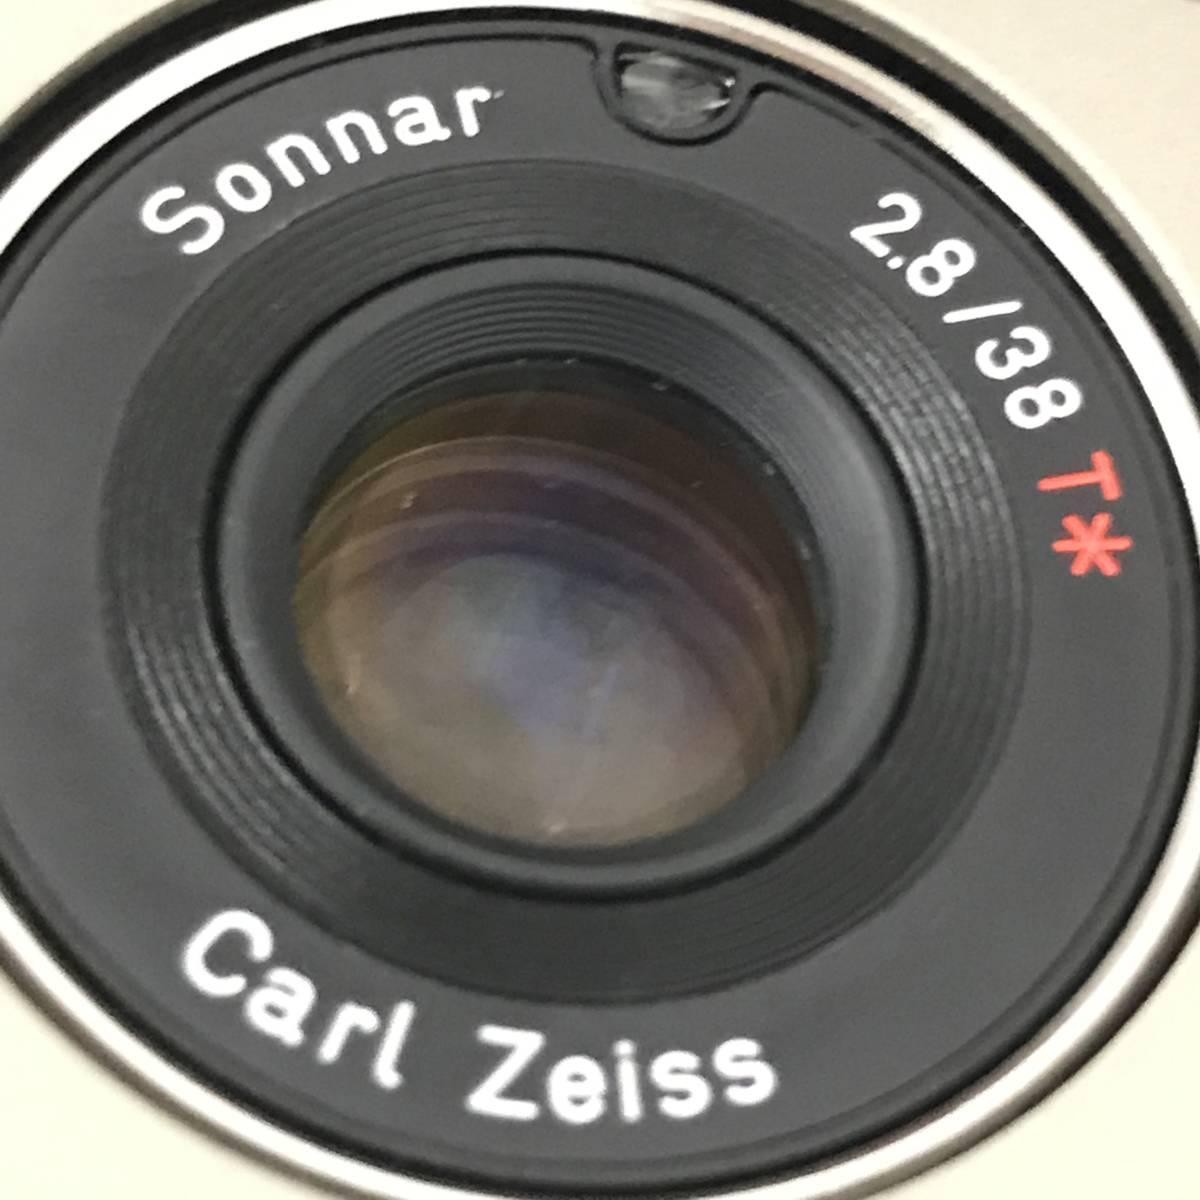 ★美品★ コンタックス CONTAX T2 Sonnar 38mm F2.8 T* コンパクトフィルムカメラ 取扱説明書 元箱 ケース ストラップ付_画像5